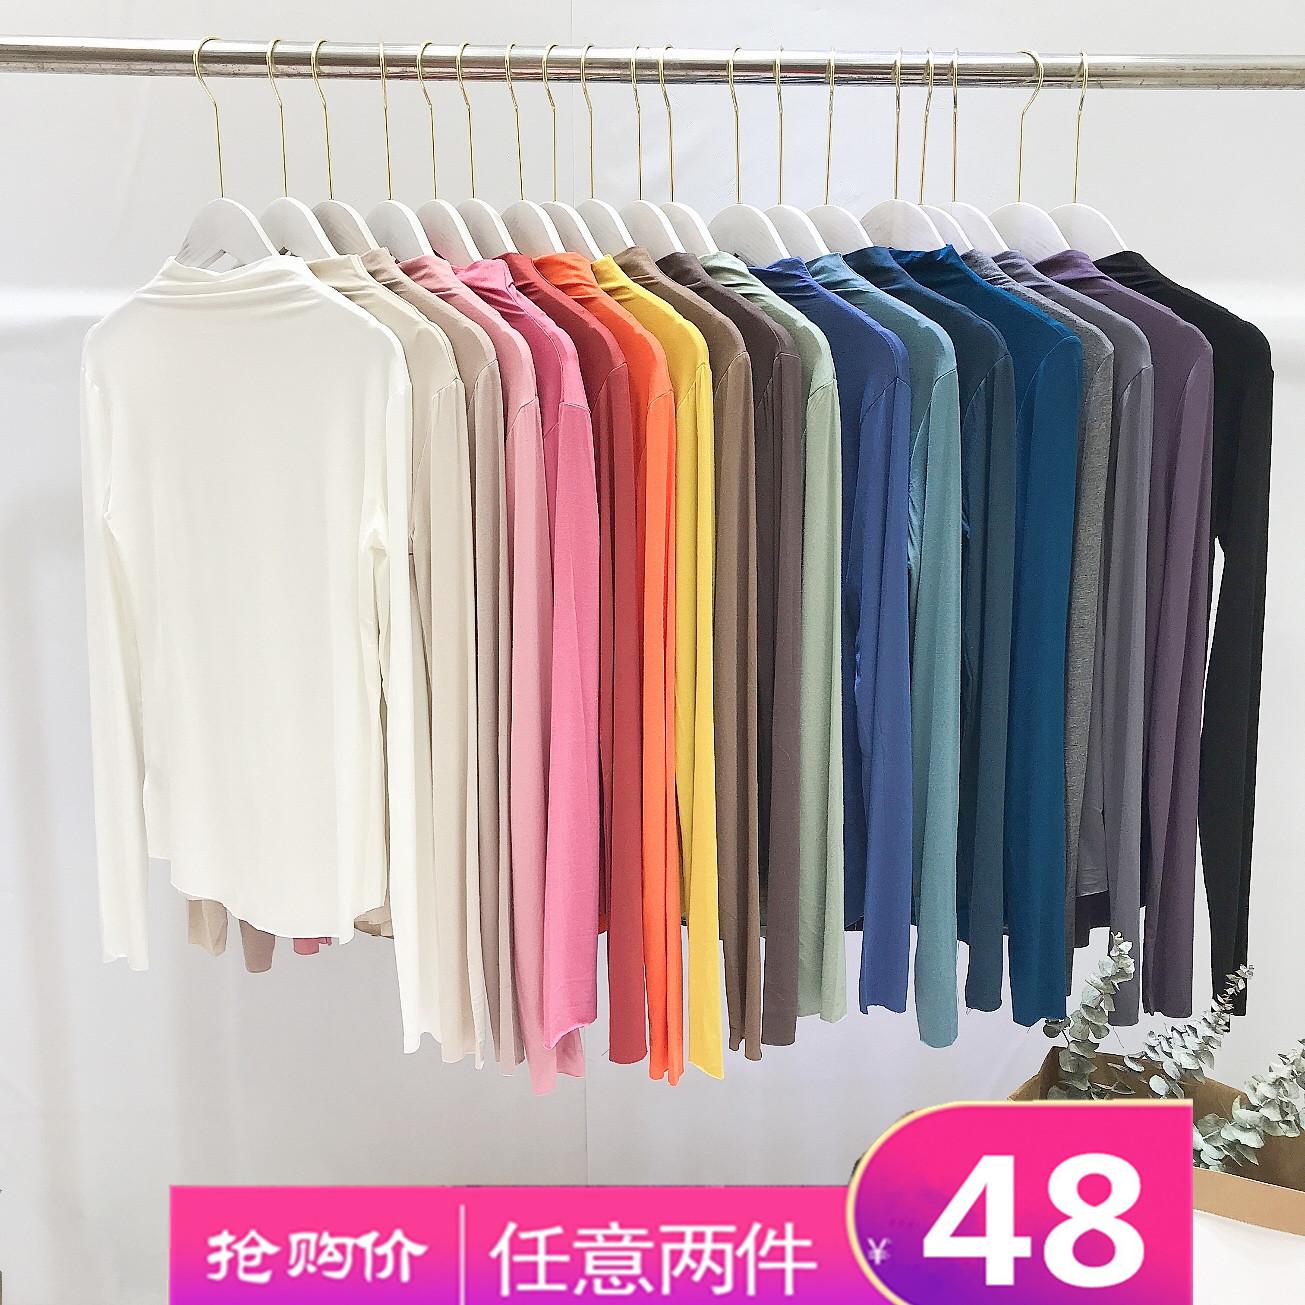 yuanxi元熙8515-1款 2020秋季薄款半高领内搭T恤女修身长袖打底衫